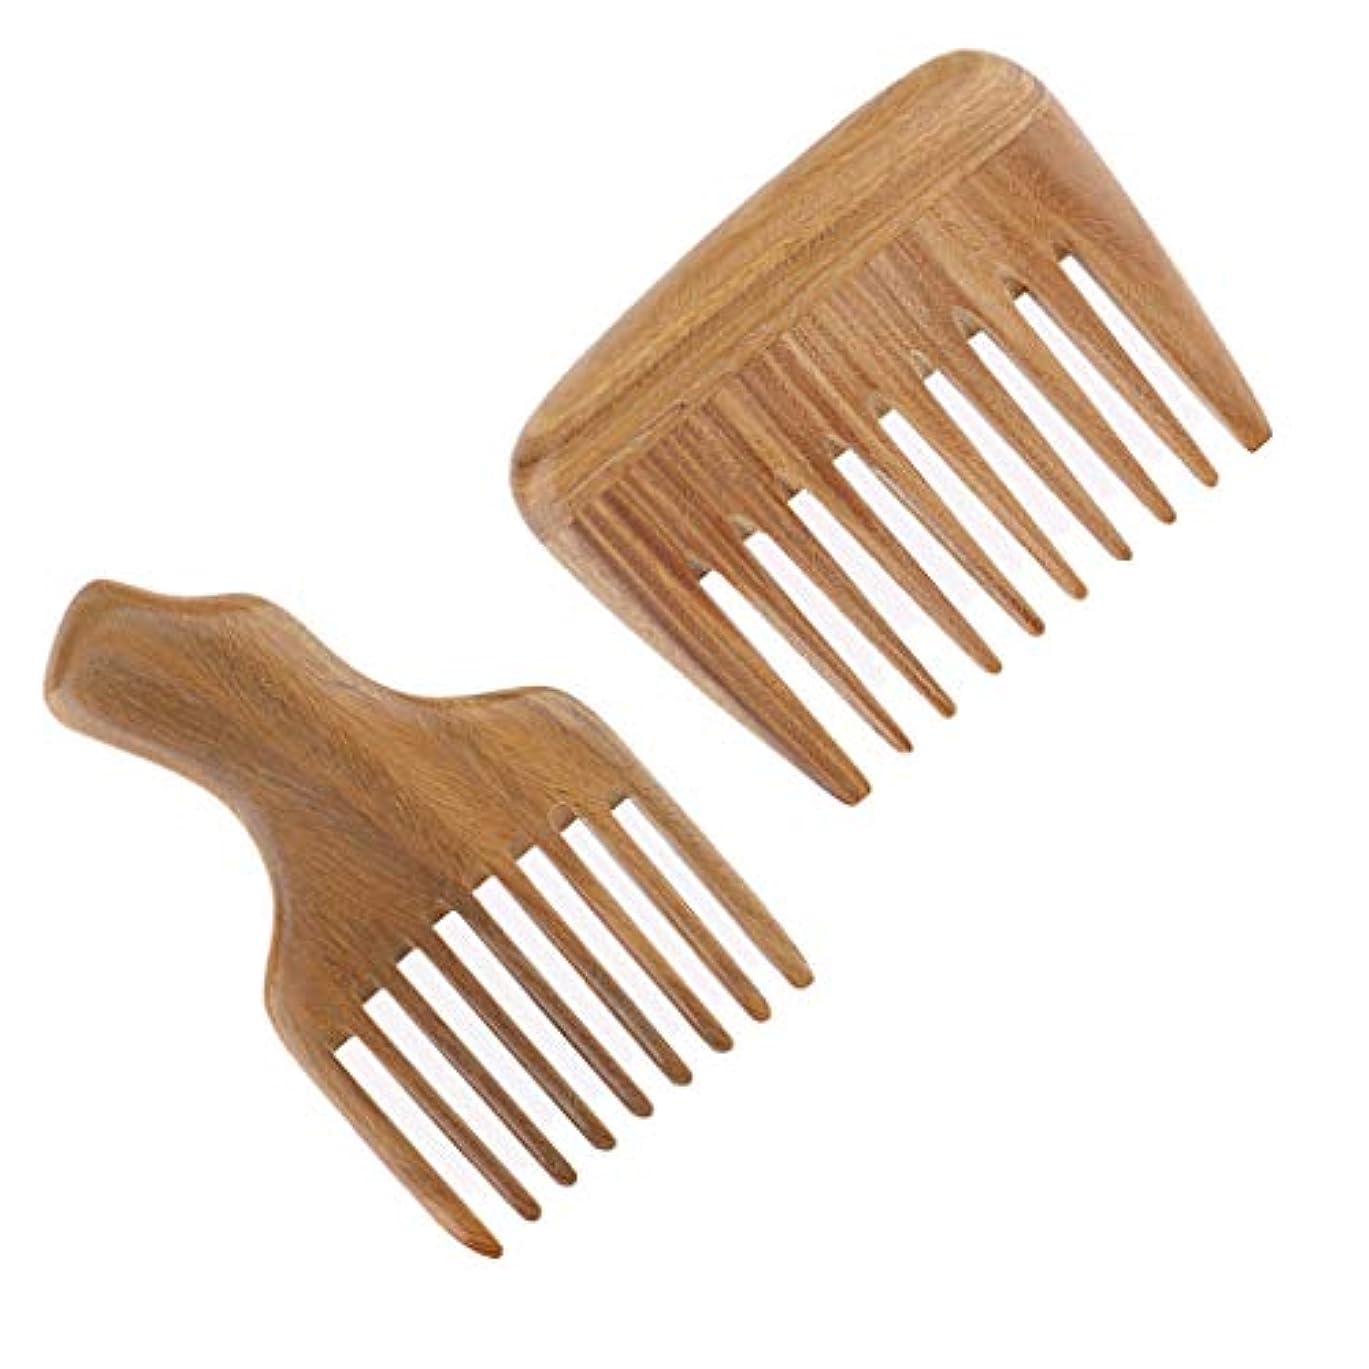 コンデンサー罪華氏木製コーム ヘアブラシ ヘアコーム 粗い櫛 ユニセックス 理髪店 サロン アクセサリー 2個入り